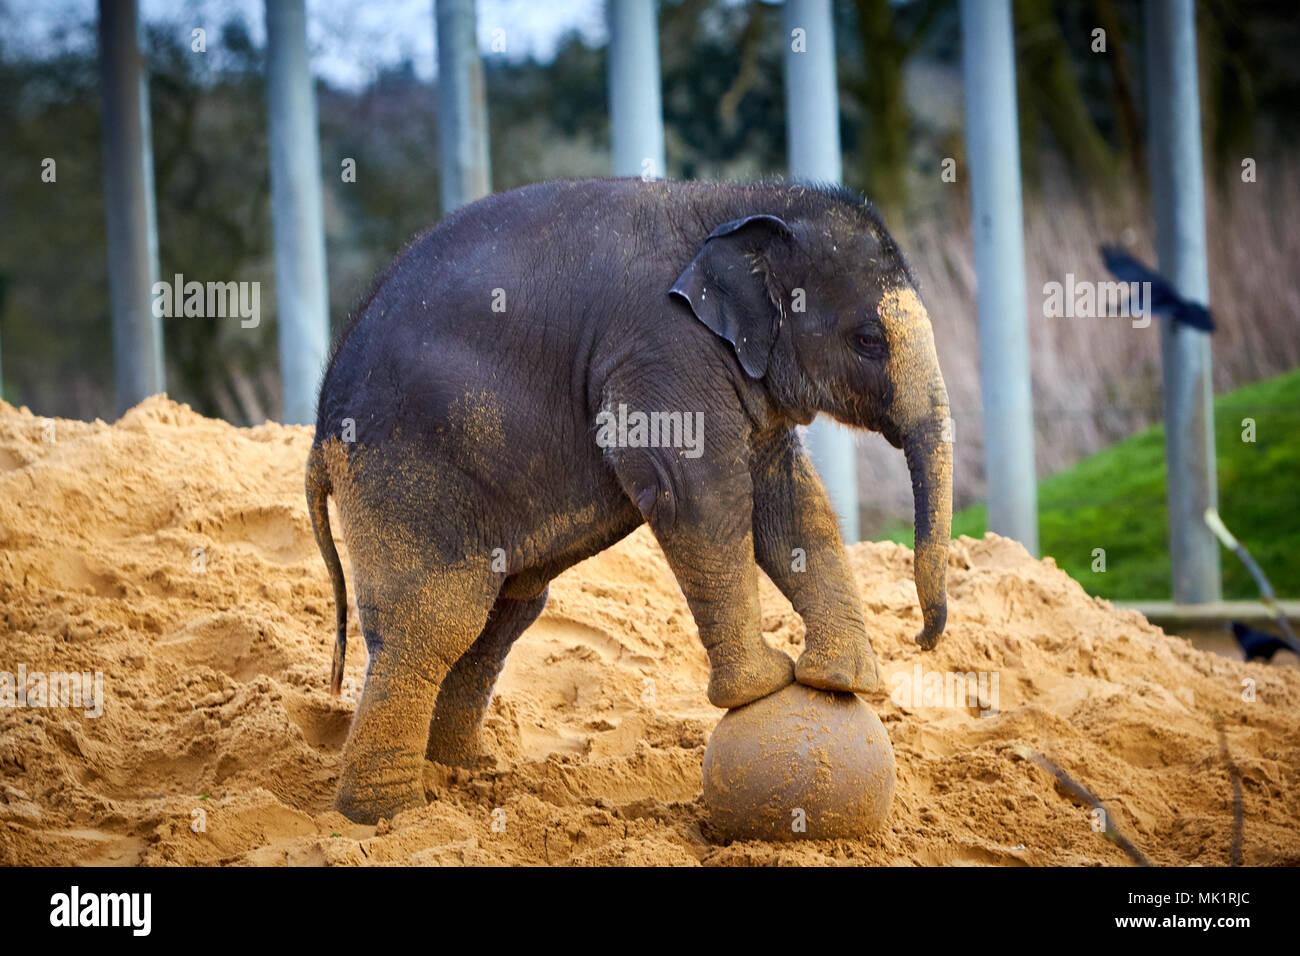 Ein Baby Asiatischen Elefanten während der jährlichen tierische Inventur im ZSL Whipsnade Zoo Stockbild